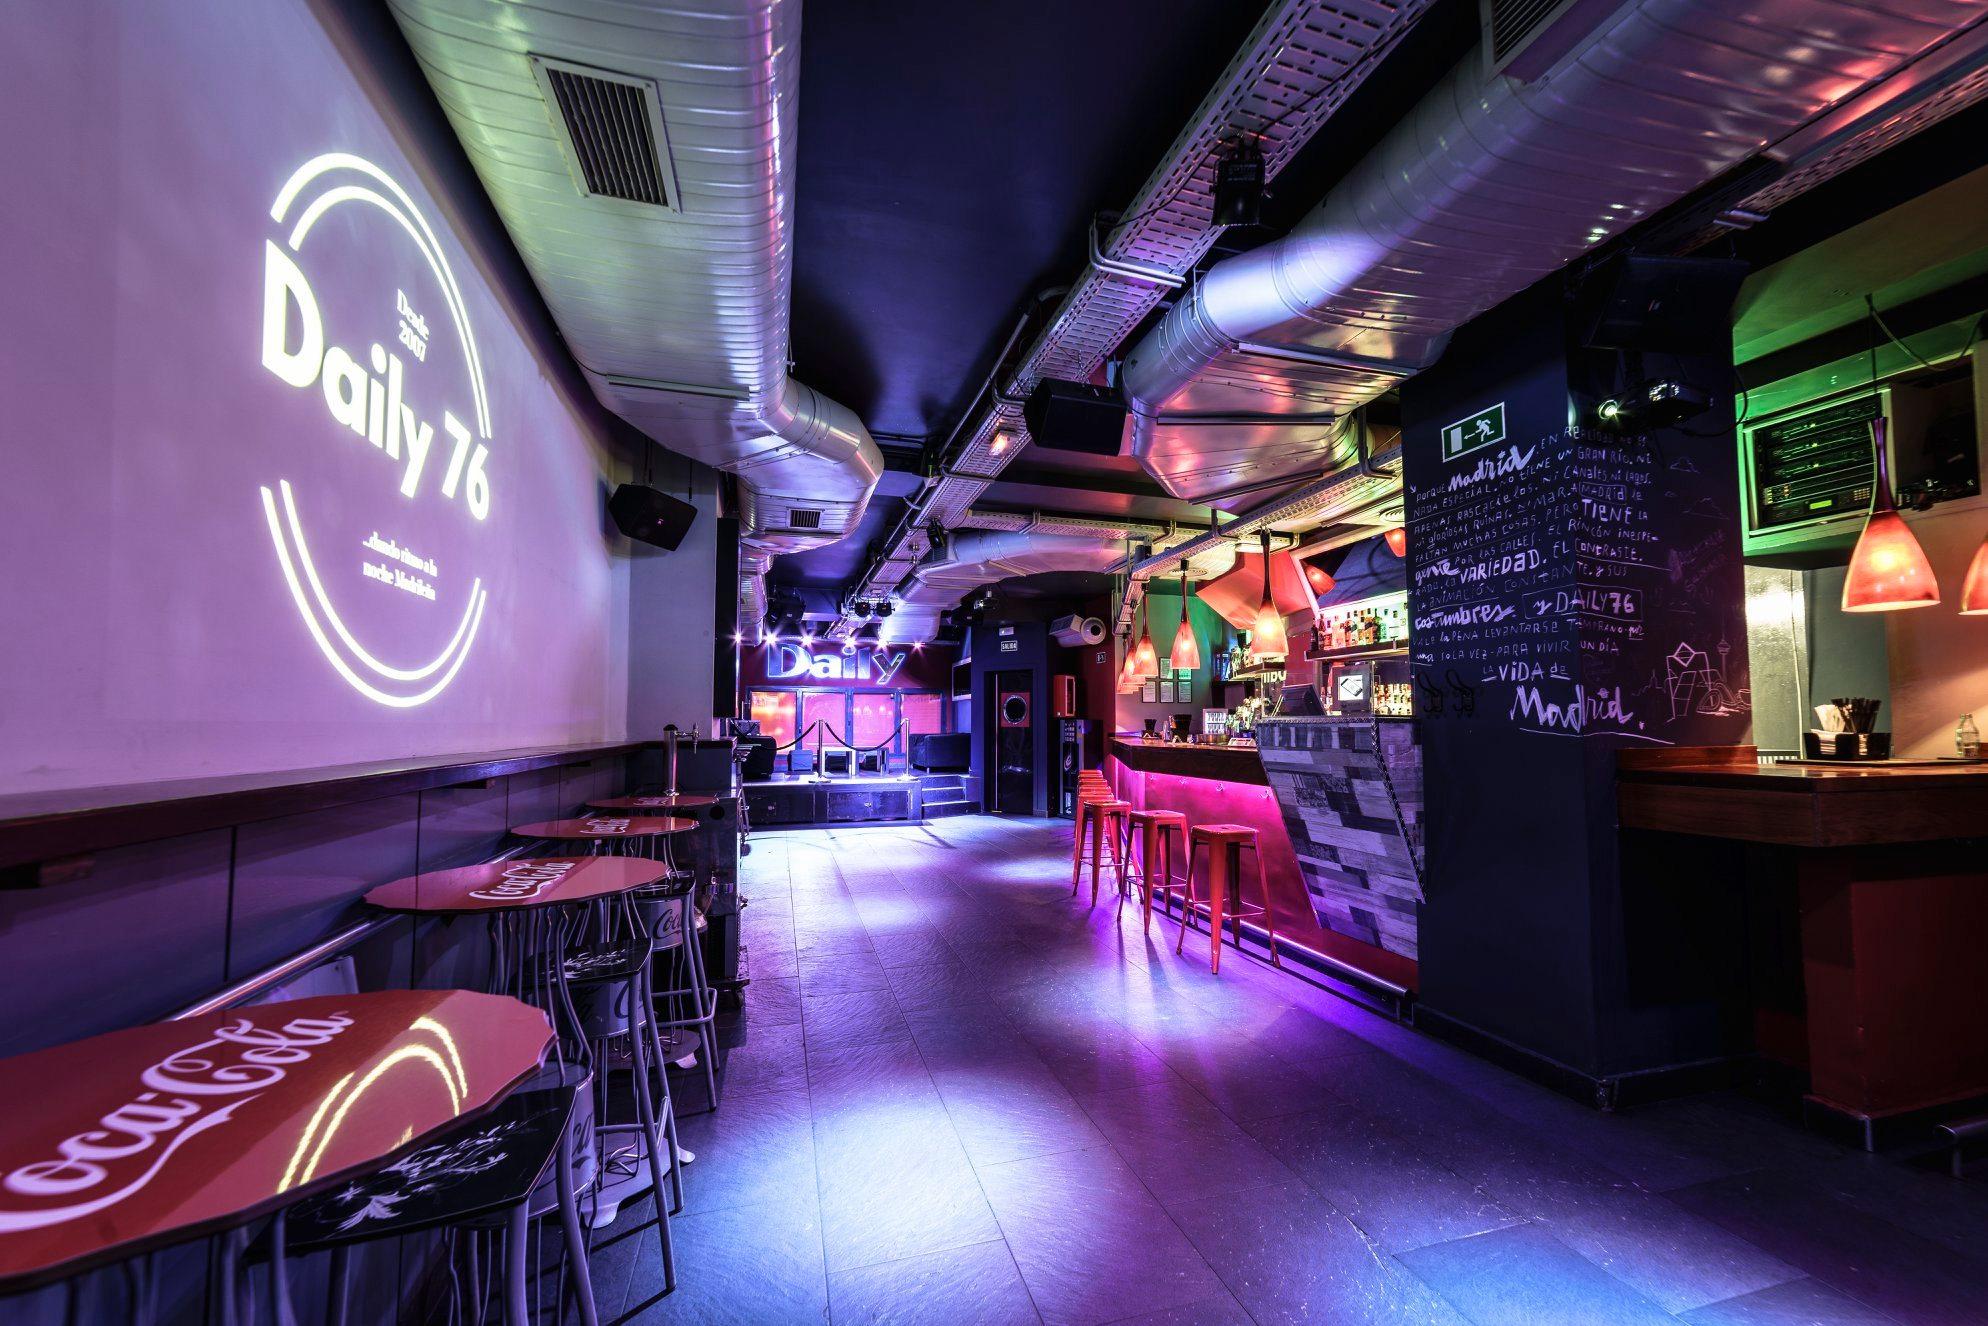 Foto de la barra del local Bar Daily Madrid